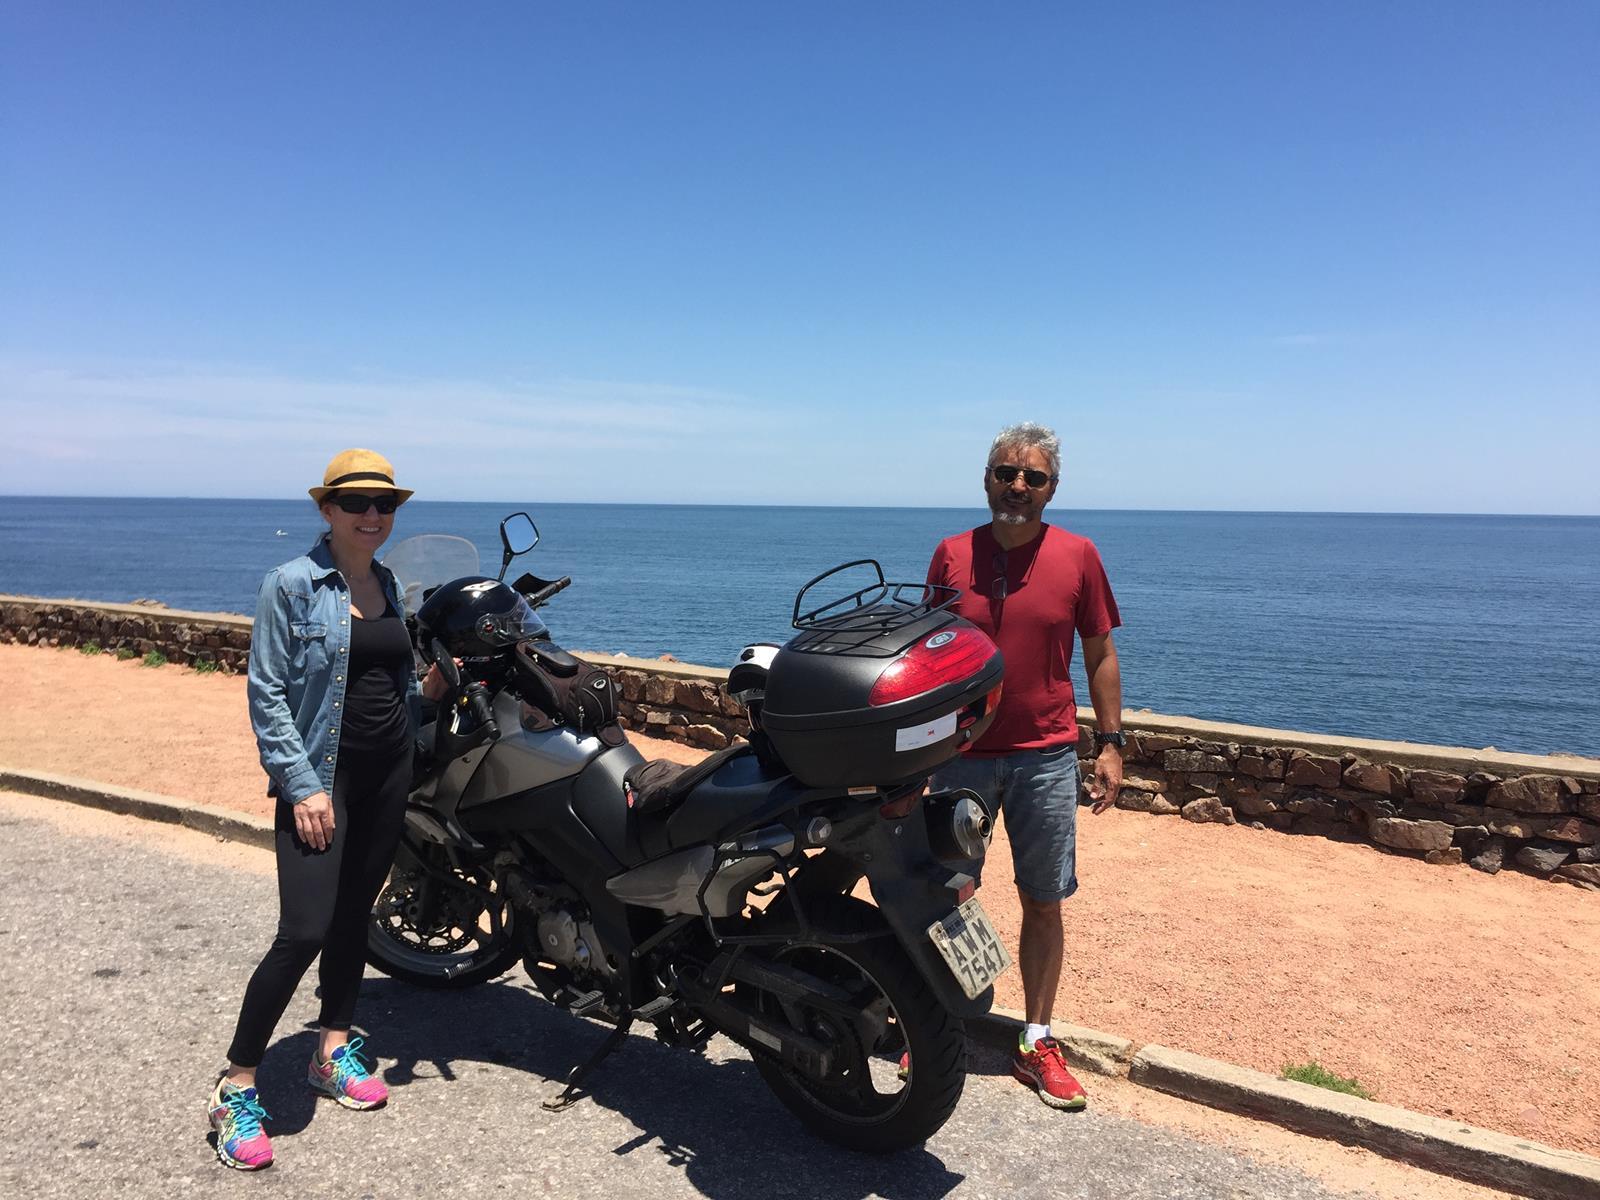 De moto em Punta Ballena - Uruguai / 2017